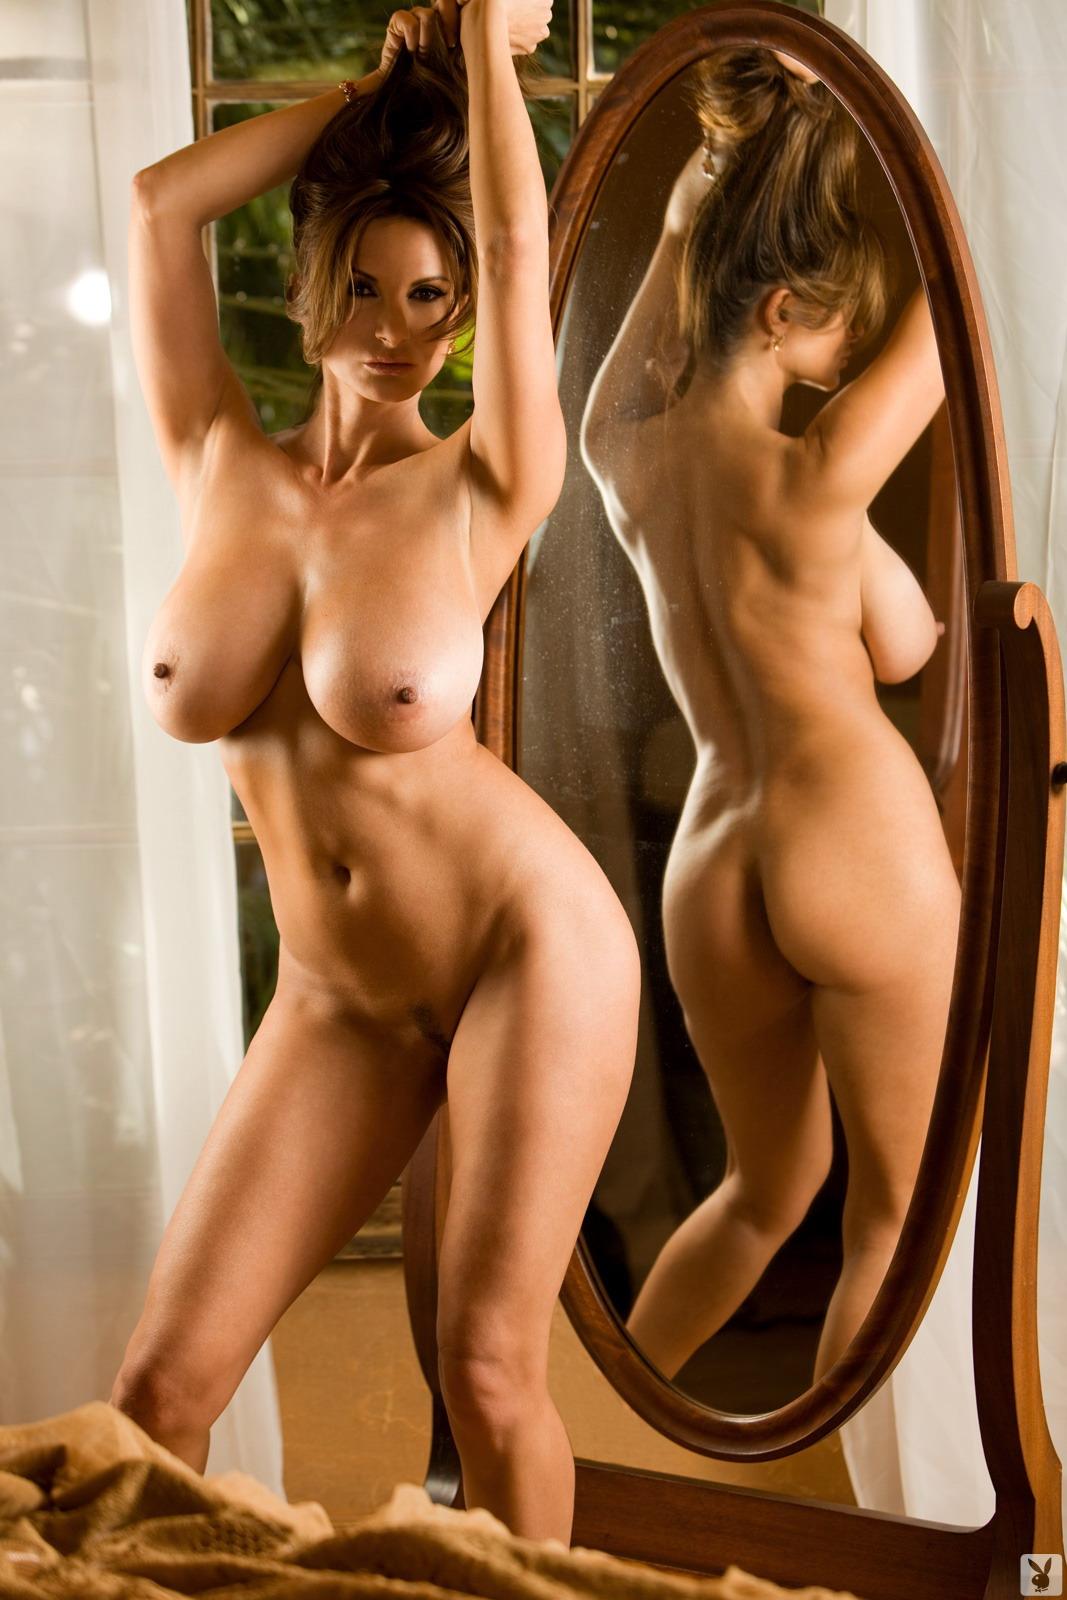 люди, голые красивые пышногрудые женщины откровенные